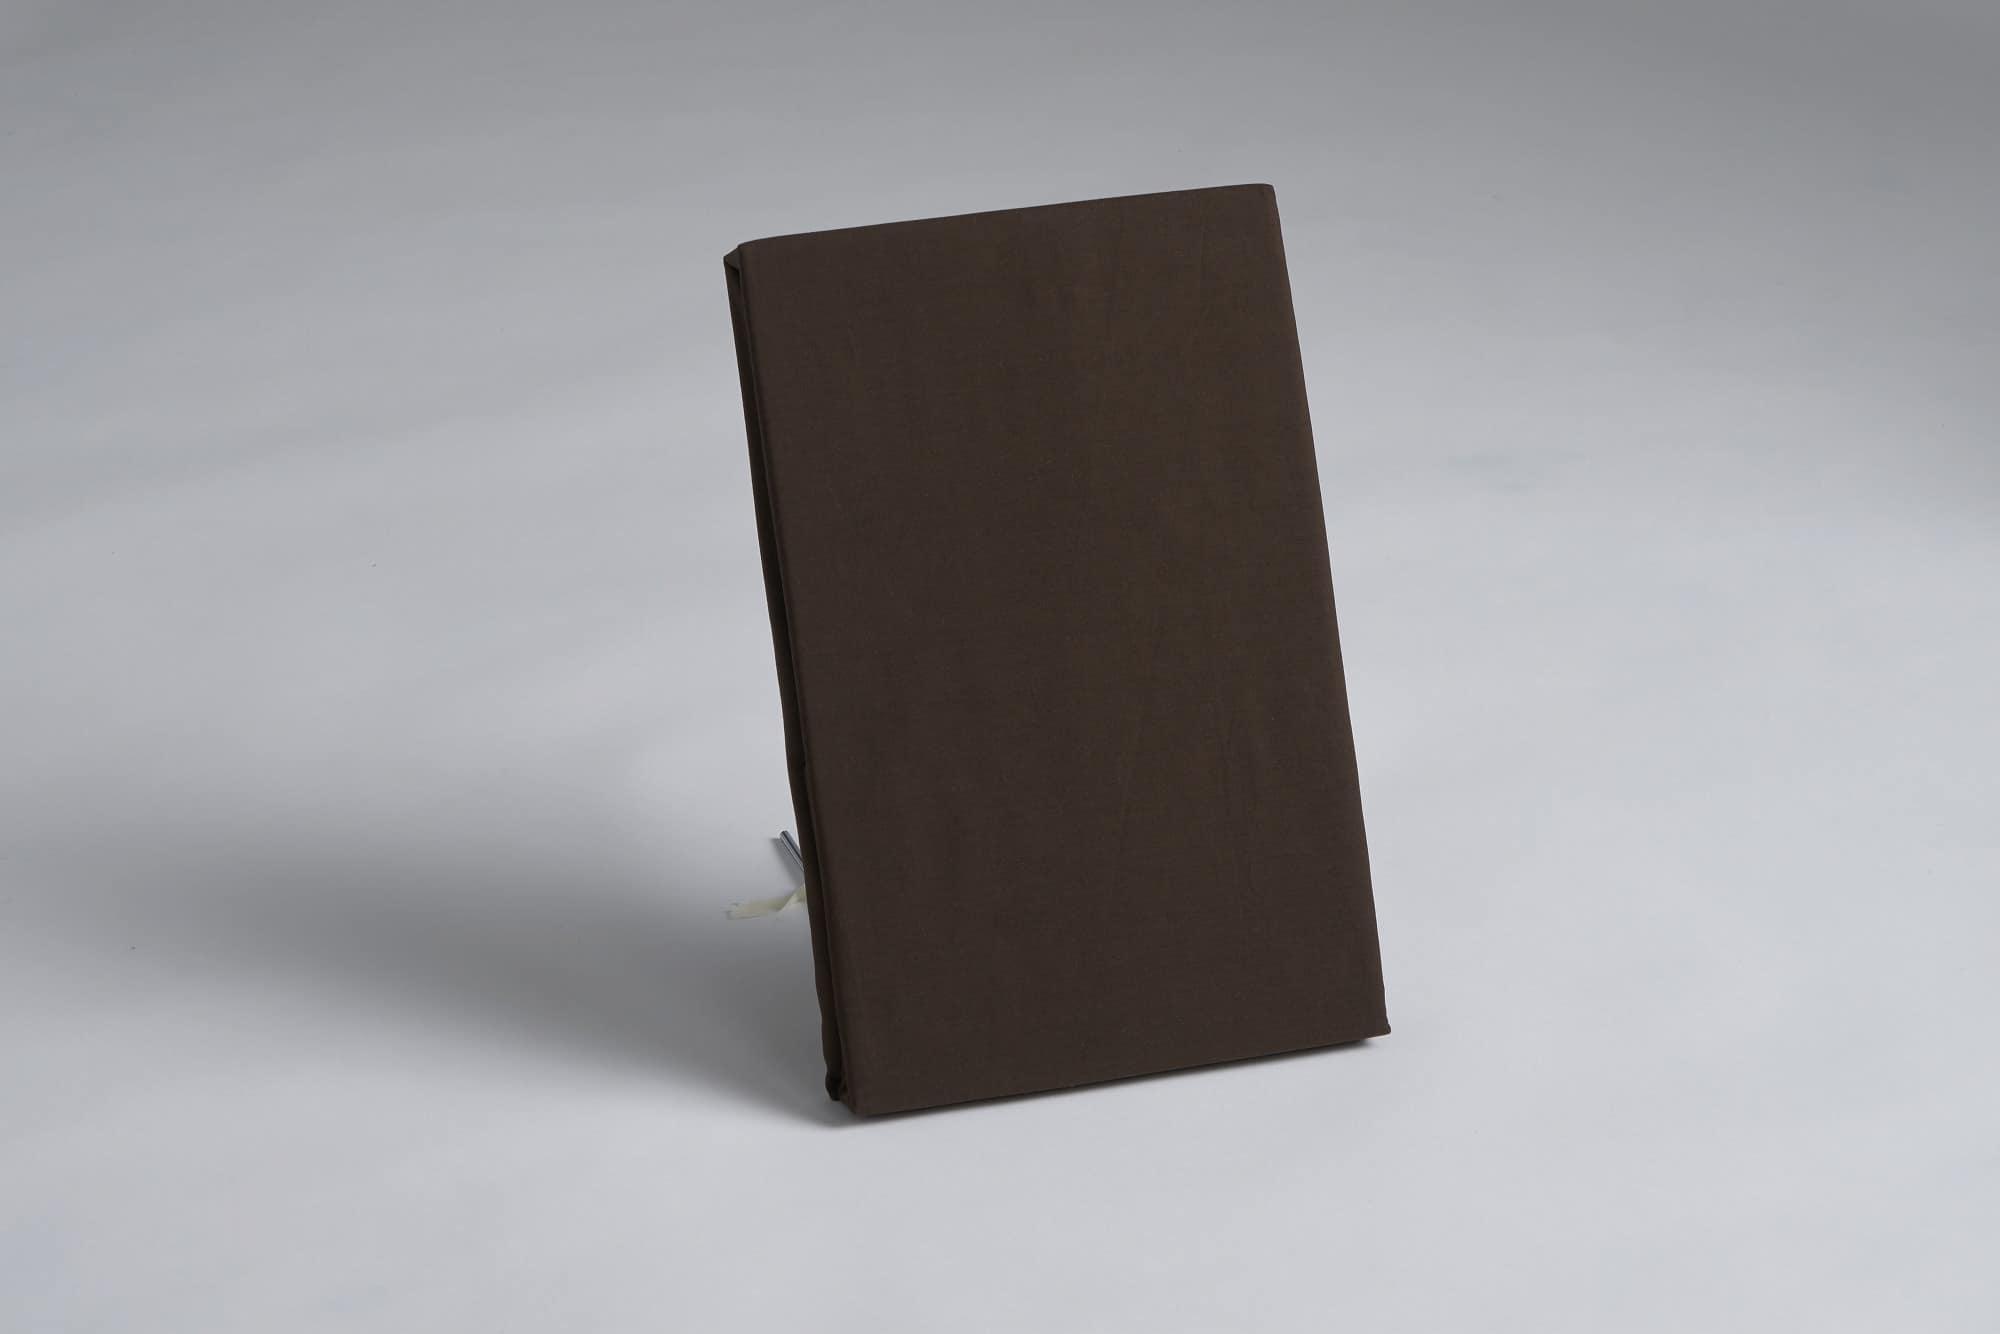 ボックスシーツ クイーン2用 36H ブラウン:《綿100%を使用したボックスシーツ》